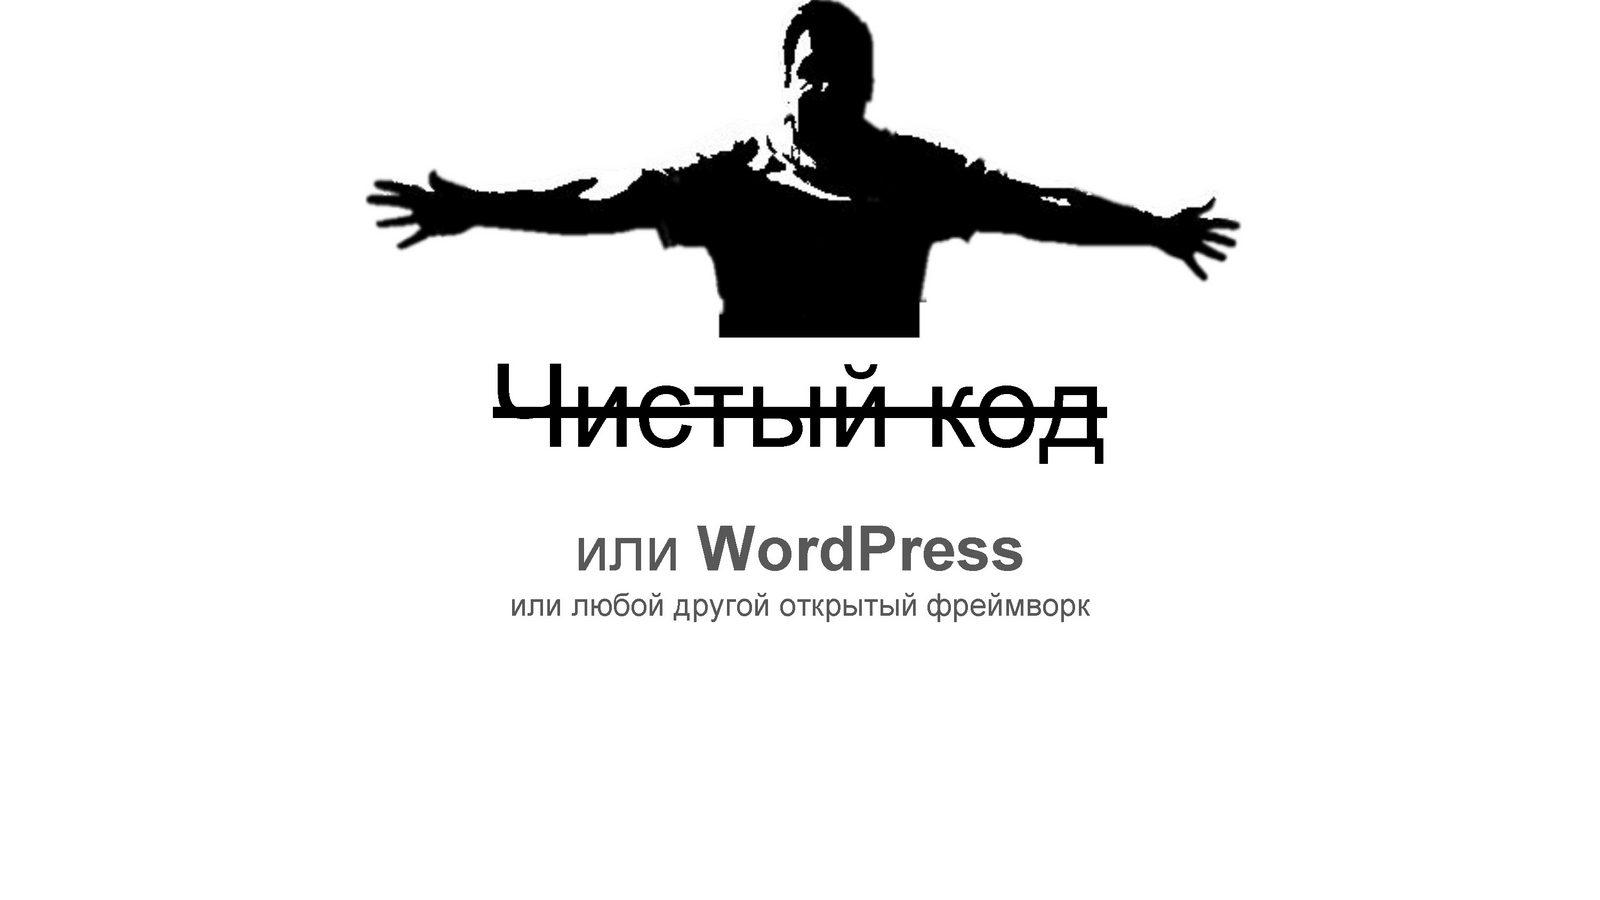 Чистый код или WordPress — Геннадий Ковшенин_Page_51